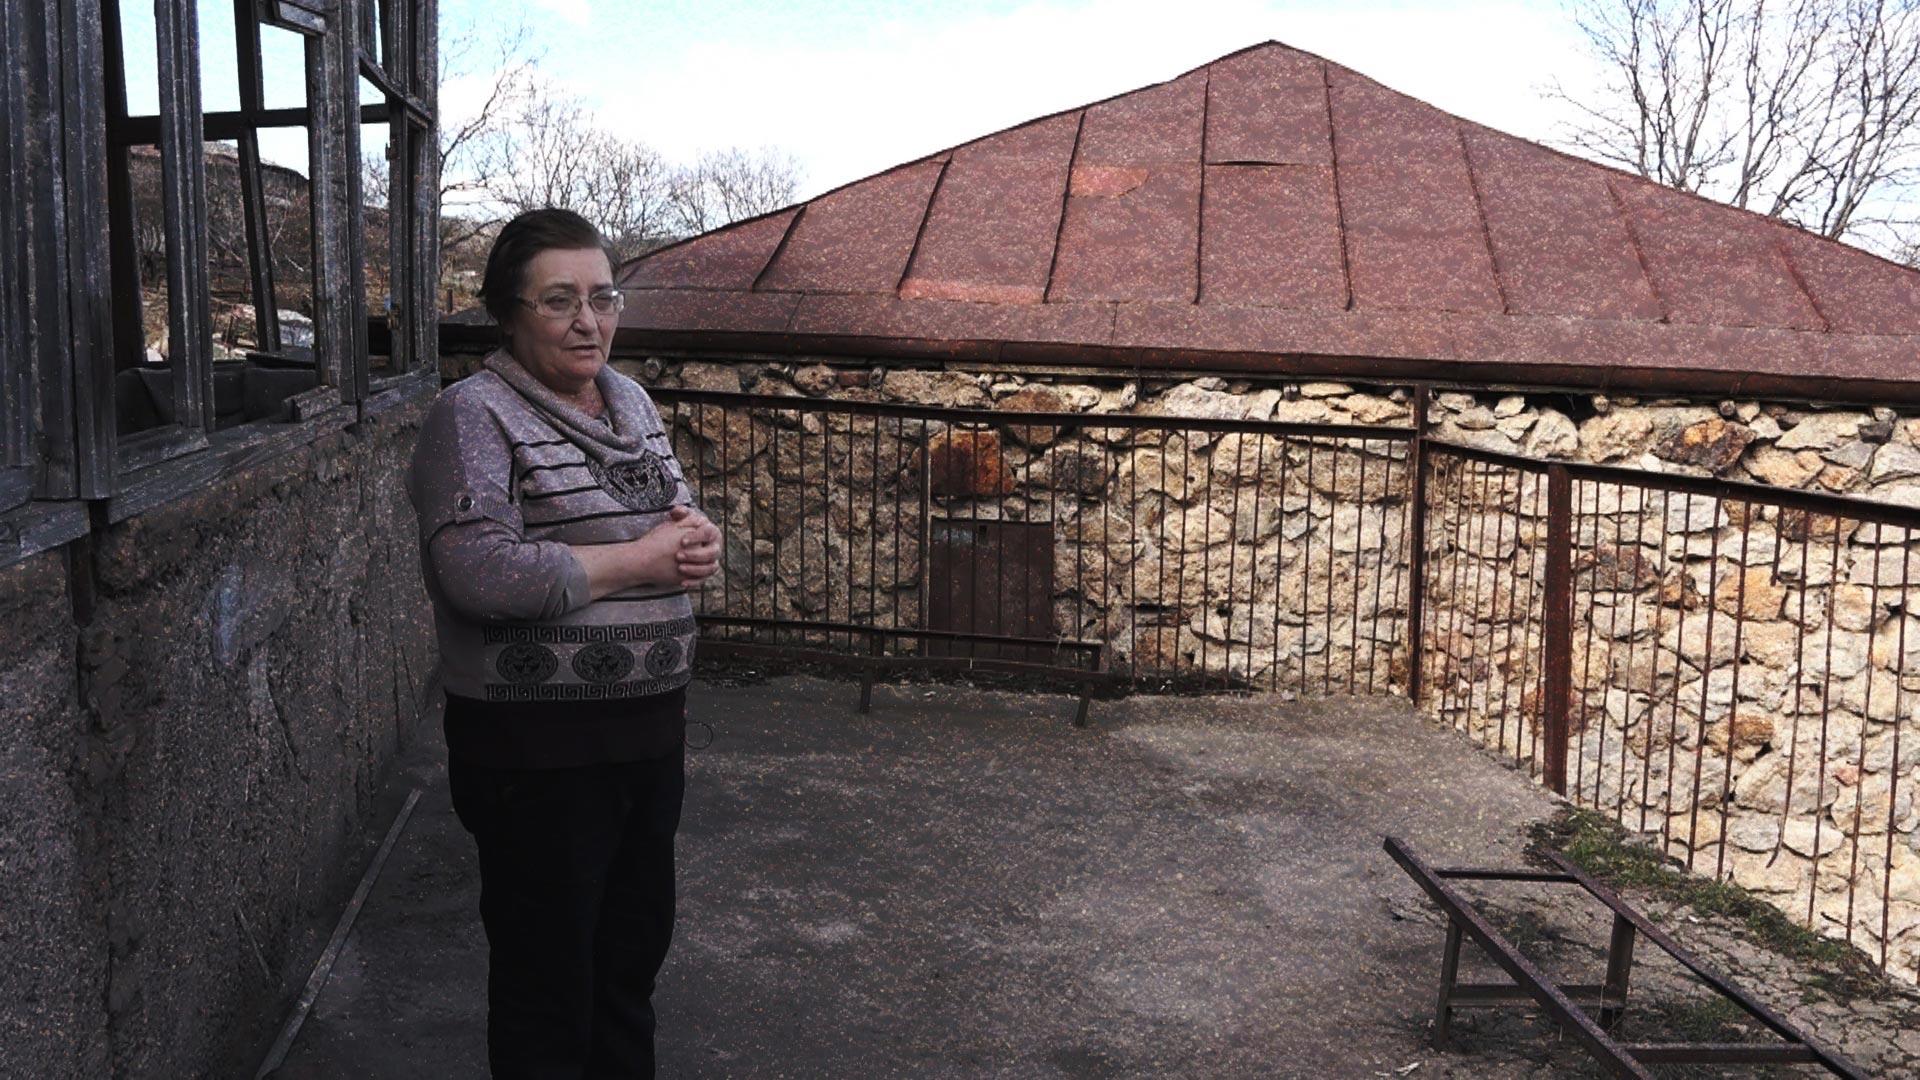 nagornyi karabax reportage 12 - <b>Новая старая граница:</b> почему армянские села оказались на территории Азербайджана - Заборона